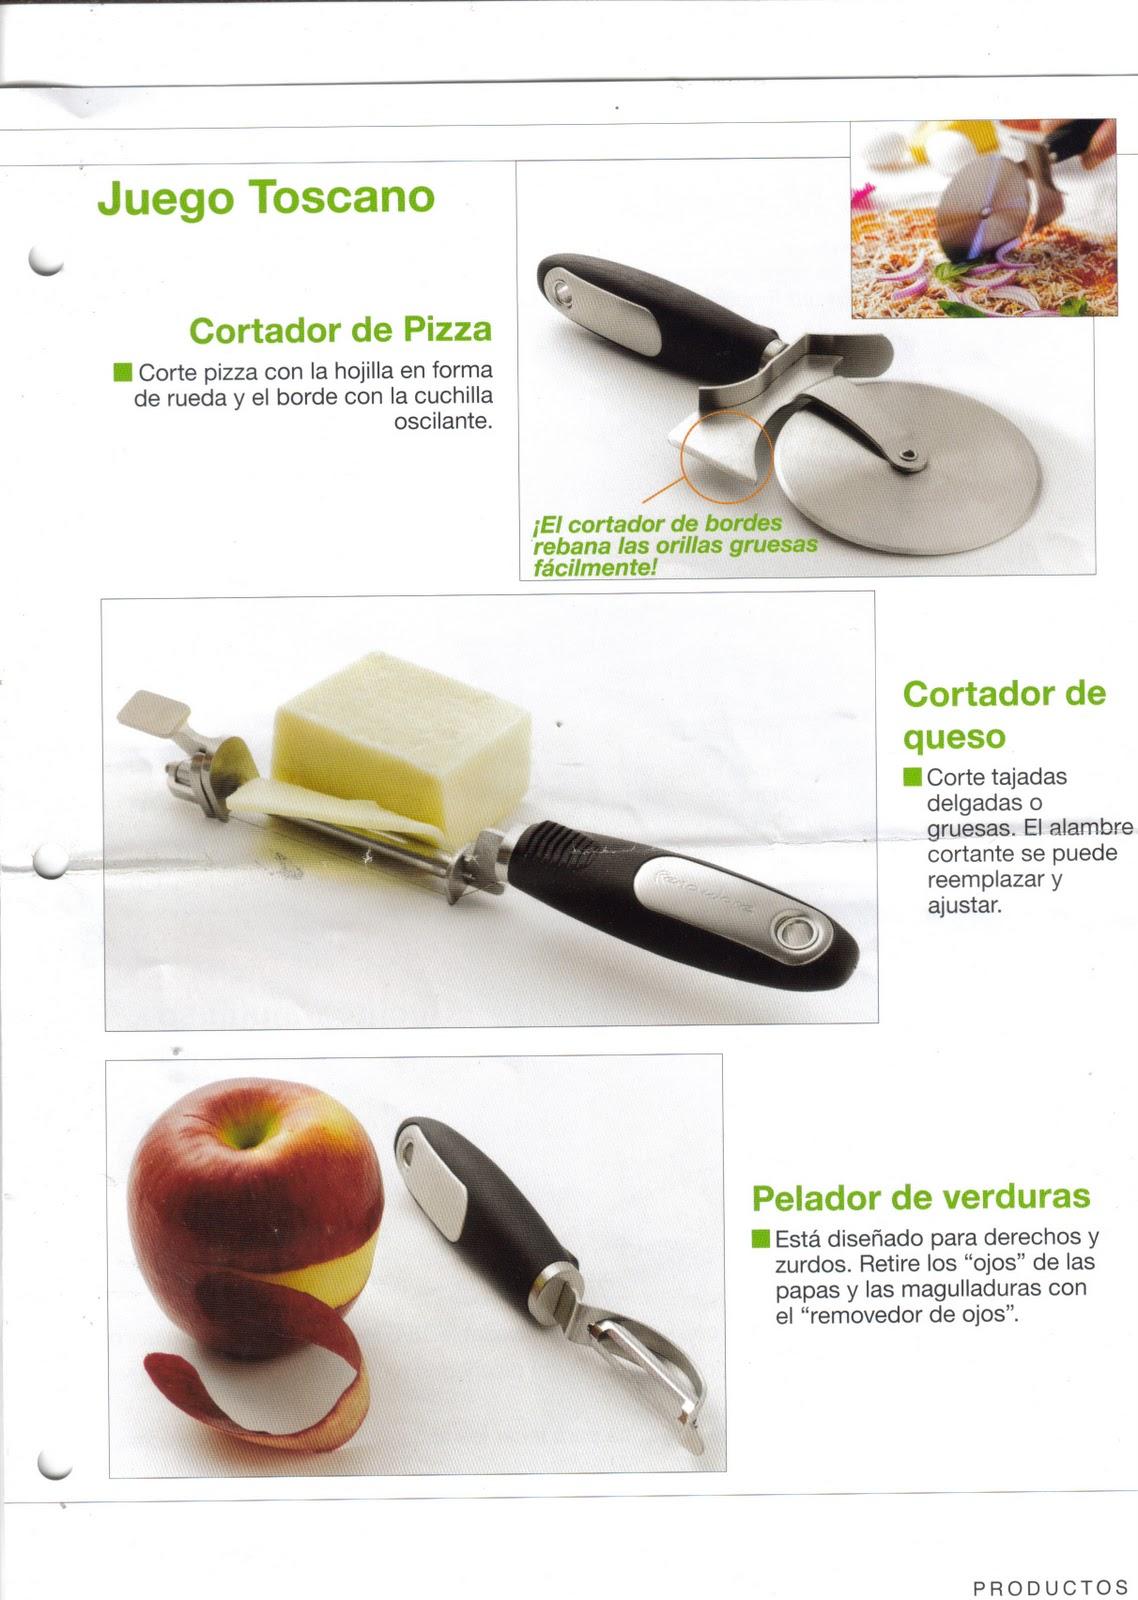 Ventas de rena ware el novedoso accesorios del chef for Accesorios para chef